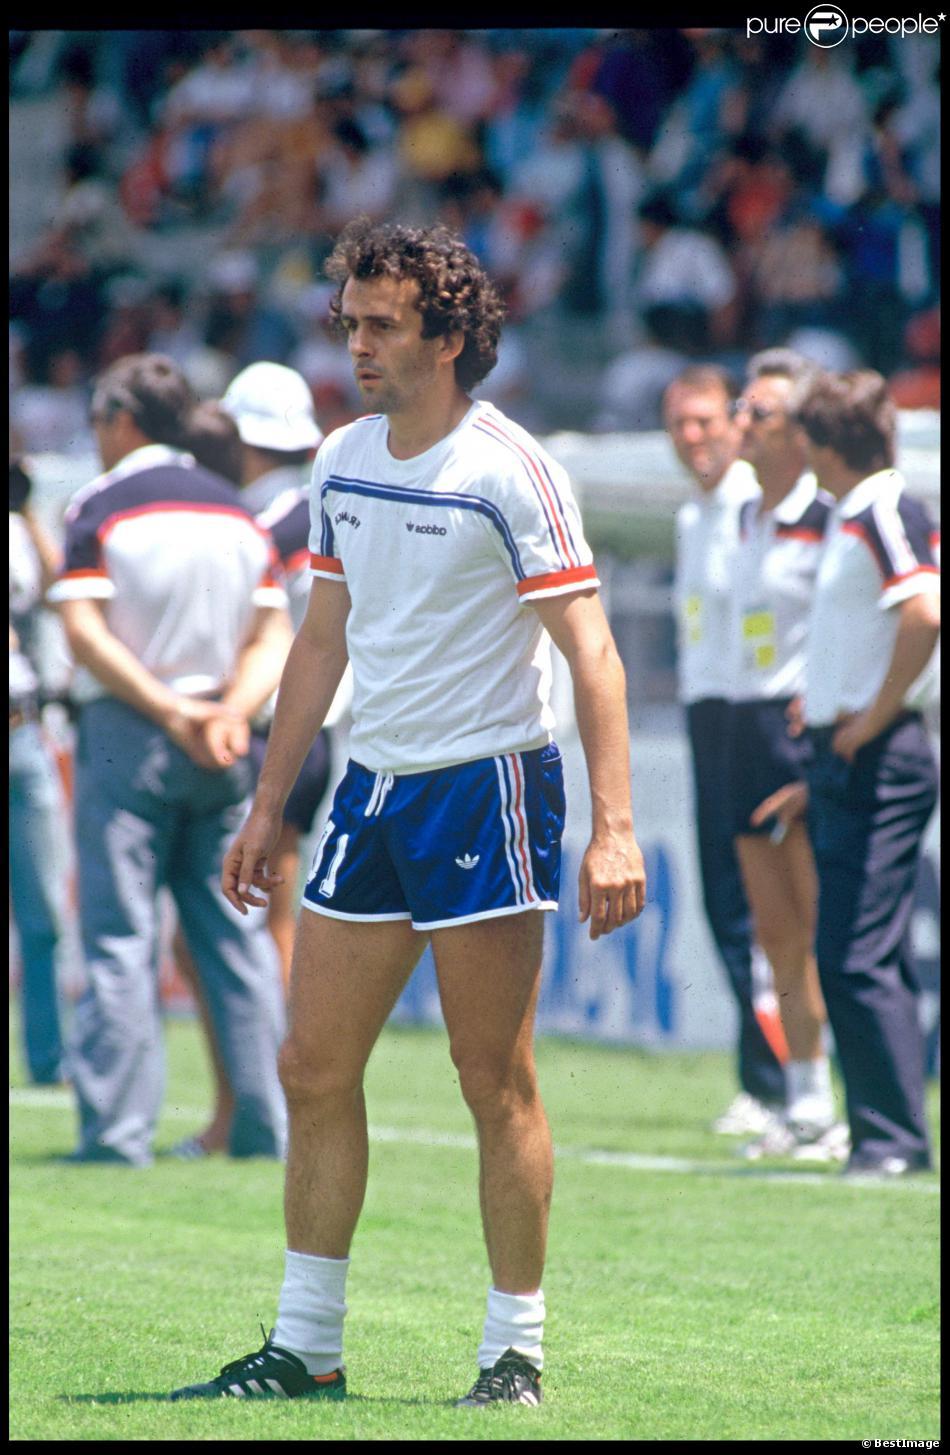 Michel platini lors de la coupe du monde 1986 au m xique le 10 juin 1986 - Coupe du monde mexique 1986 ...